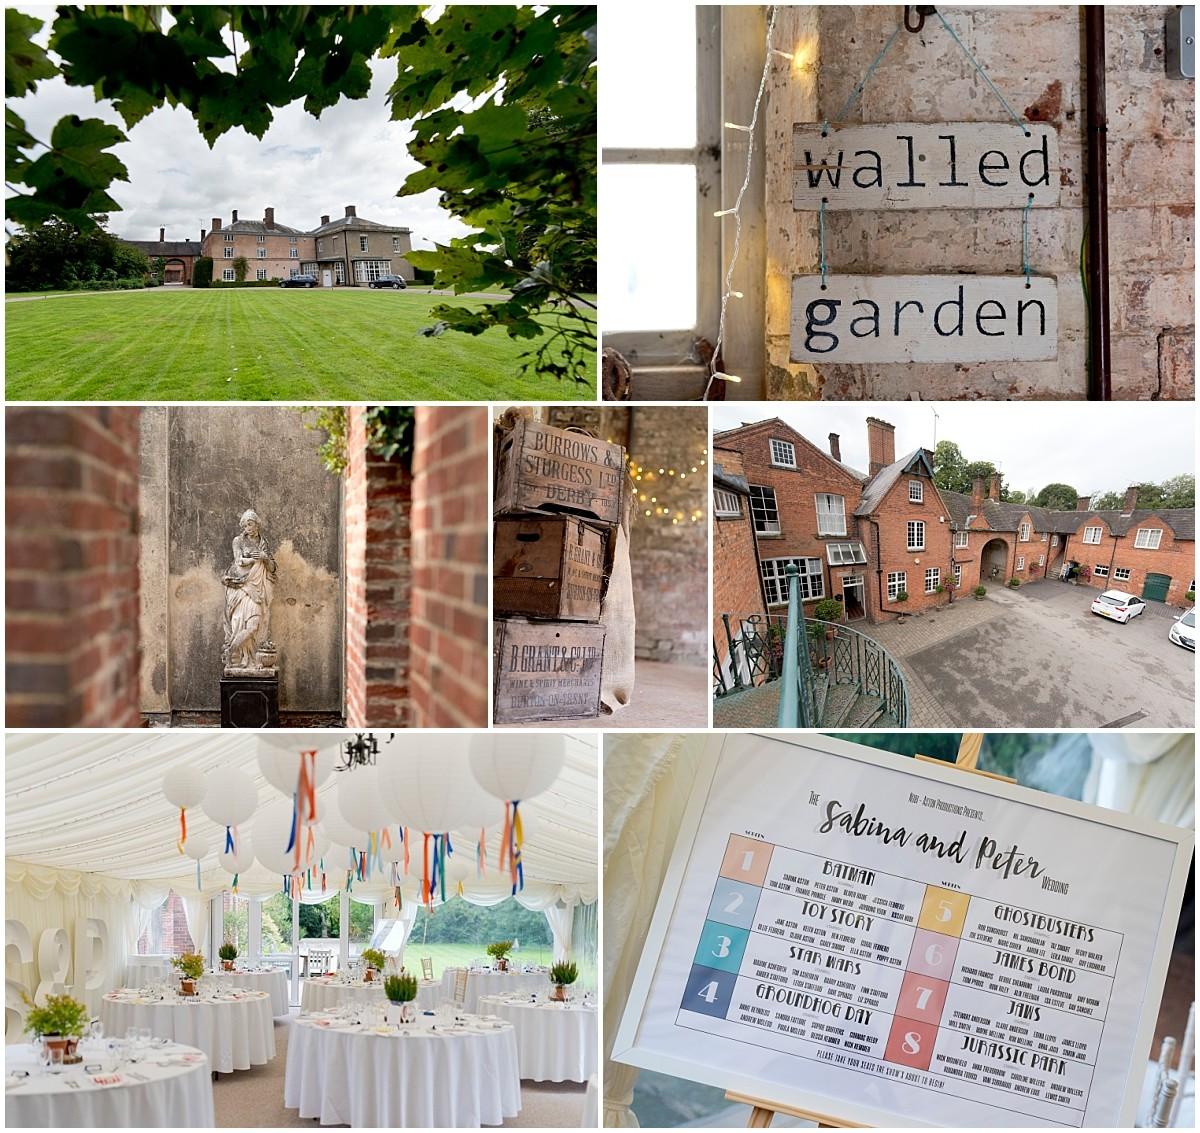 Yeldersley Hall Wedding details